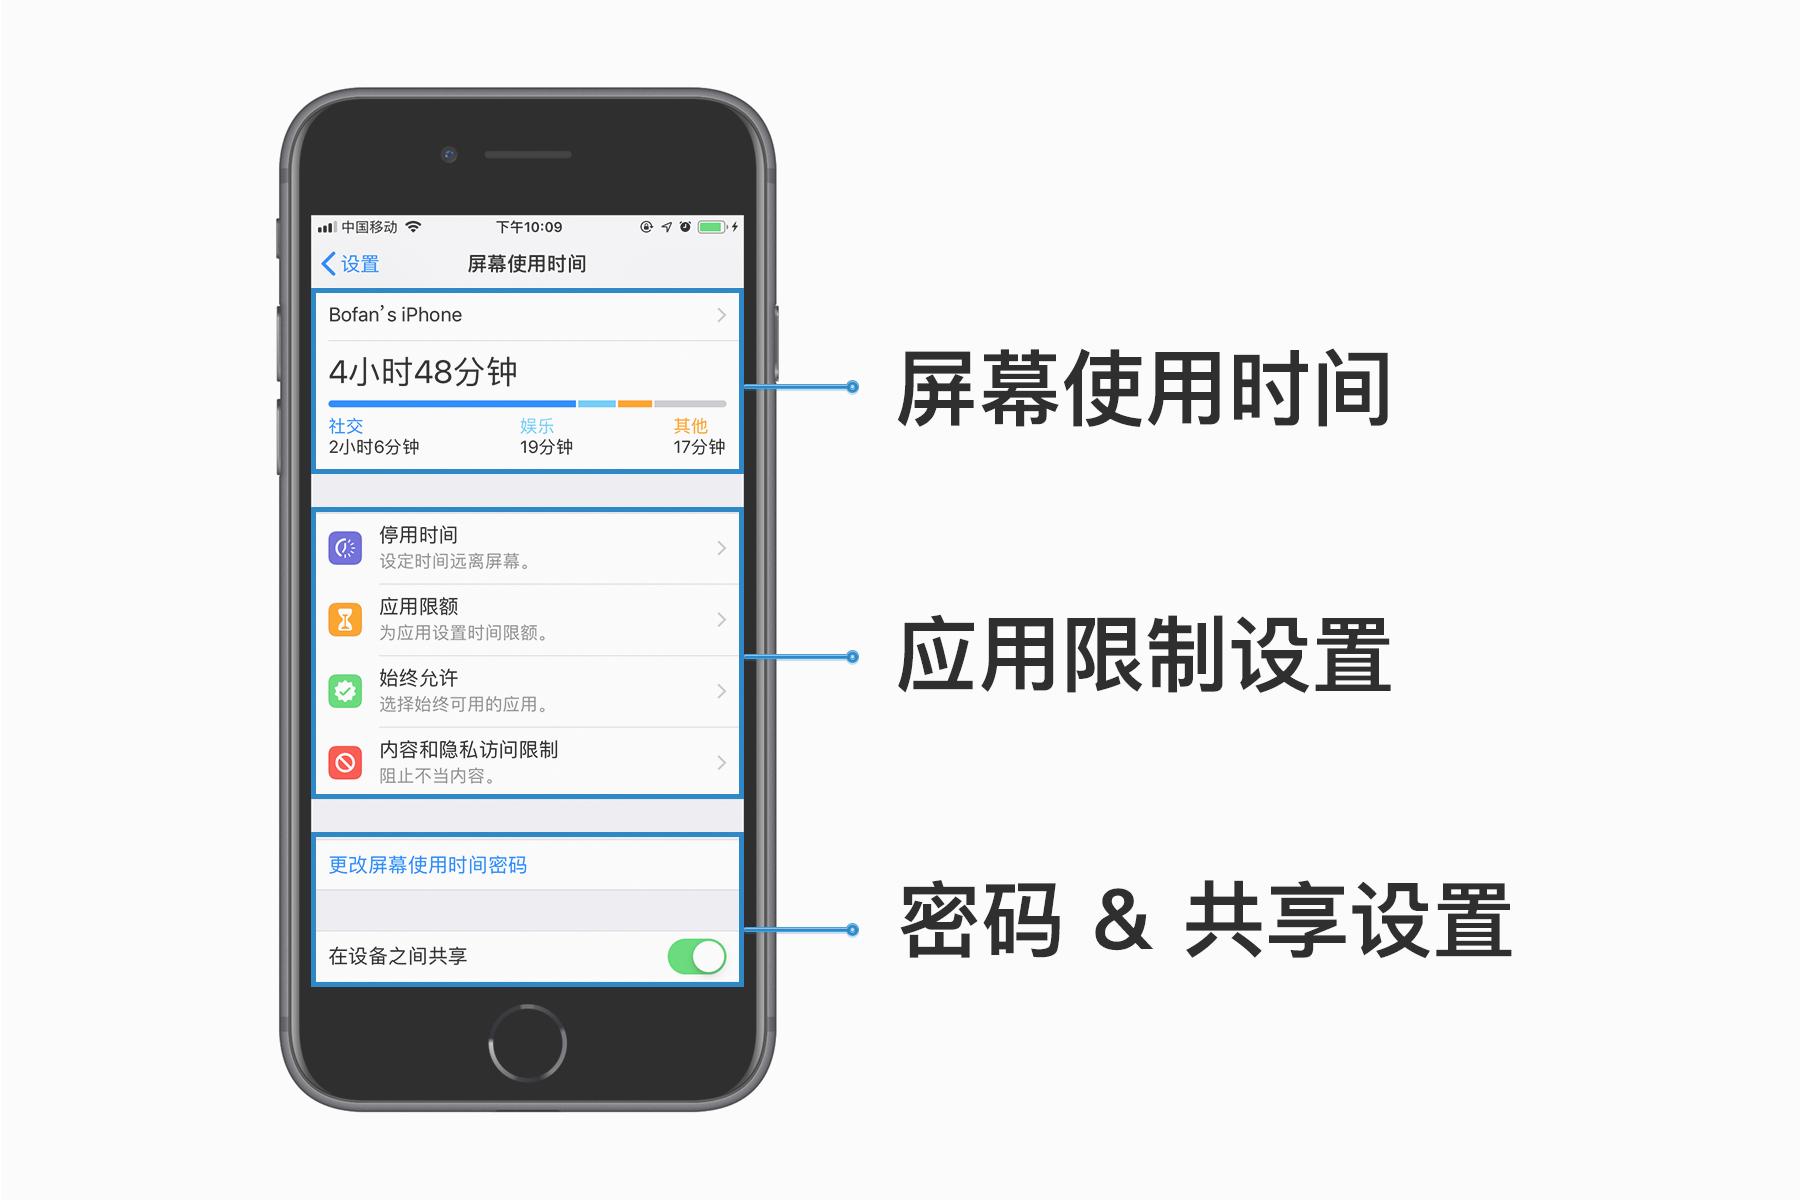 iOS 12推屏幕使用时间的功能 实现帮助少玩 iPhone或iPad目的